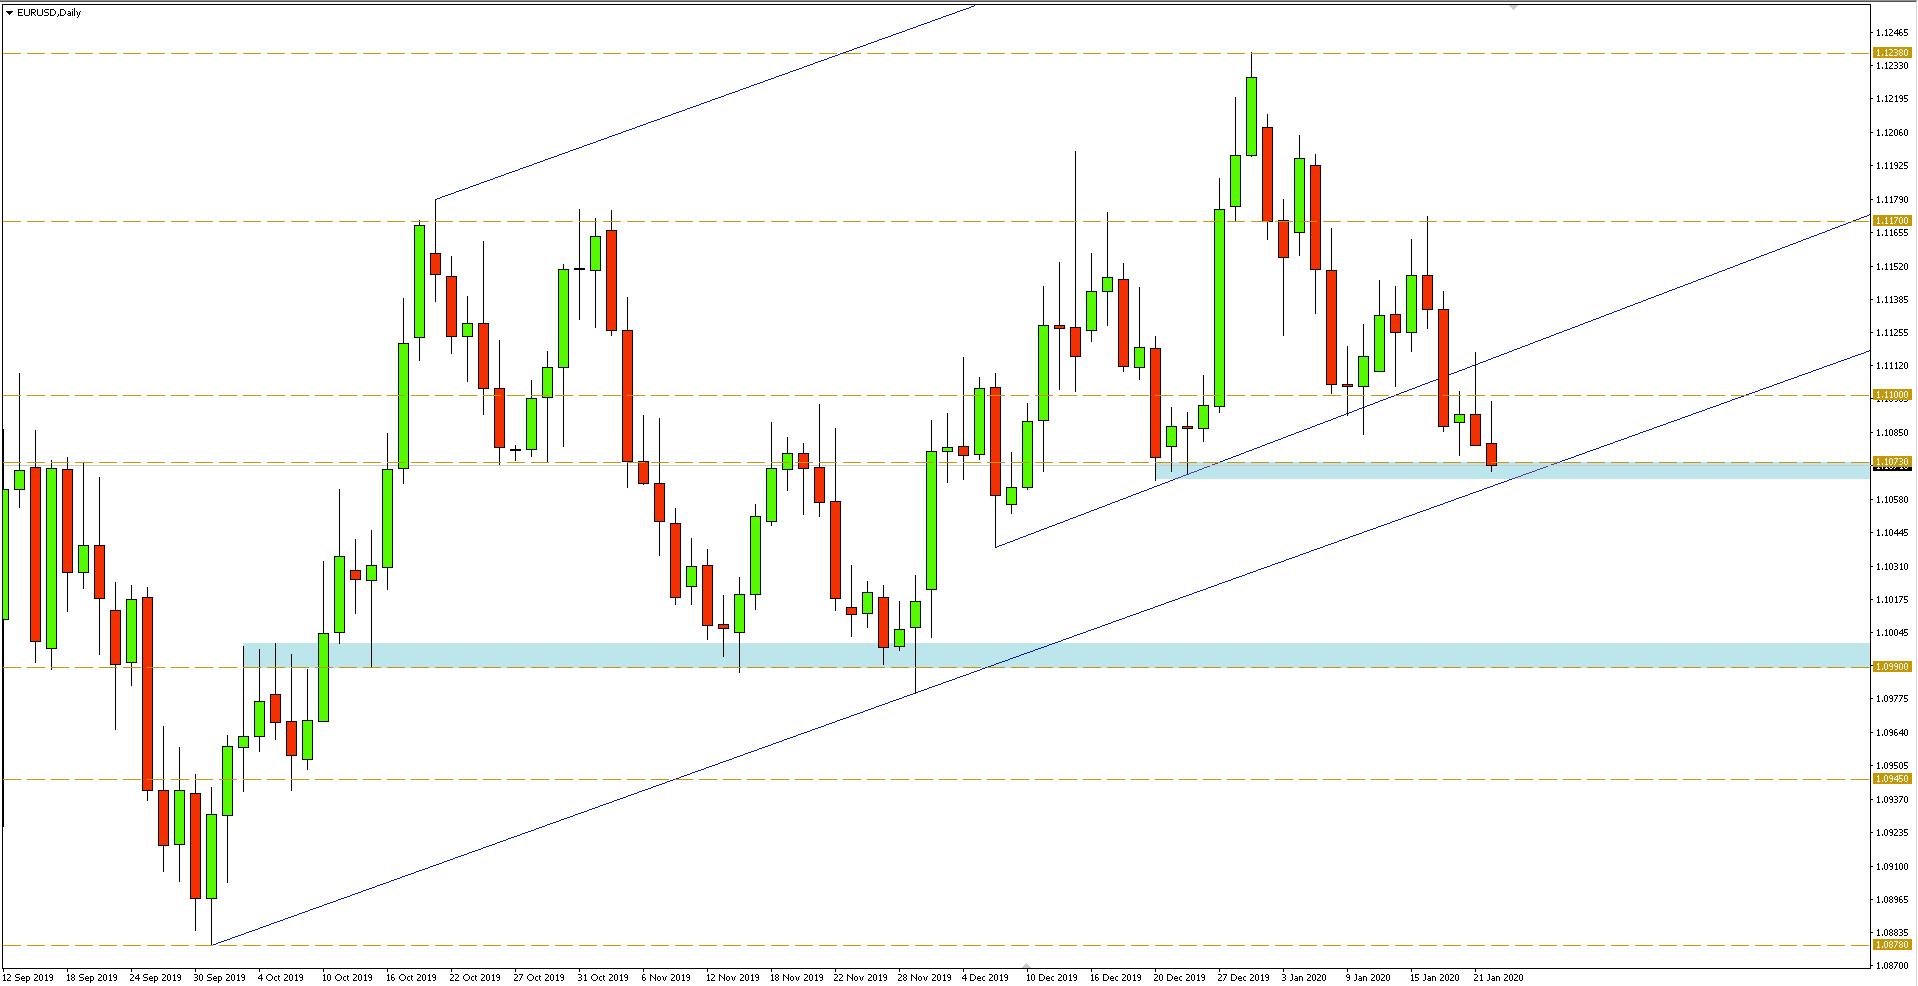 Wykres dzienny pary walutowej EURUSD - 22.01.2020 r.